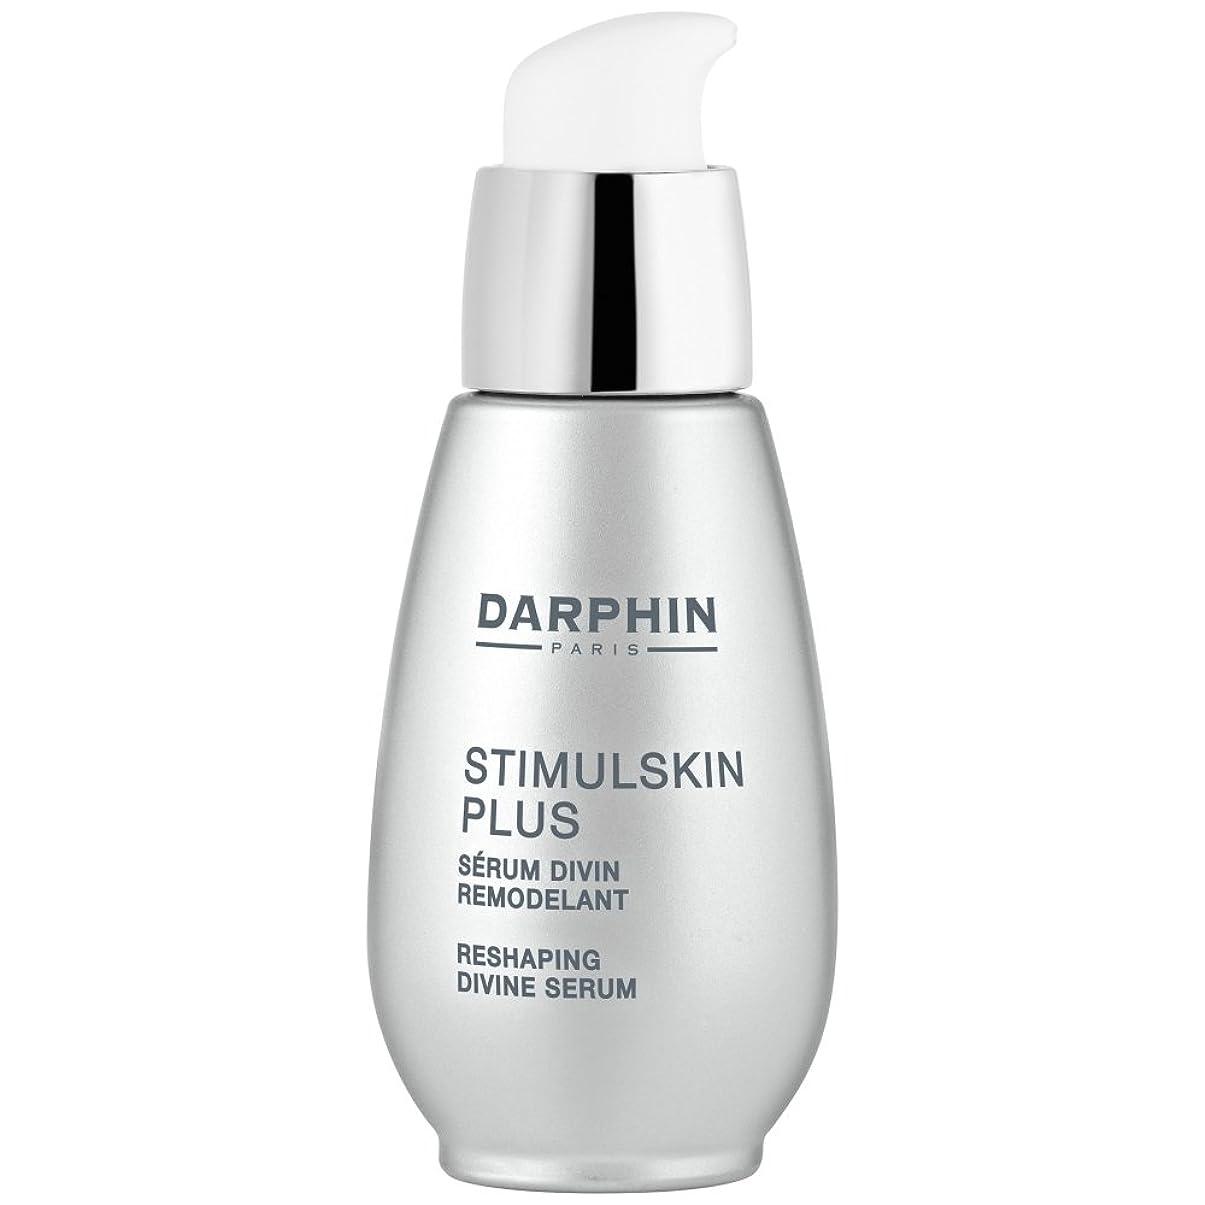 同様のはがき歩道ダルファンスティプラス神整形血清15ミリリットル (Darphin) (x6) - Darphin Stimulskin Plus Divine Reshaping Serum 15ml (Pack of 6) [並行輸入品]